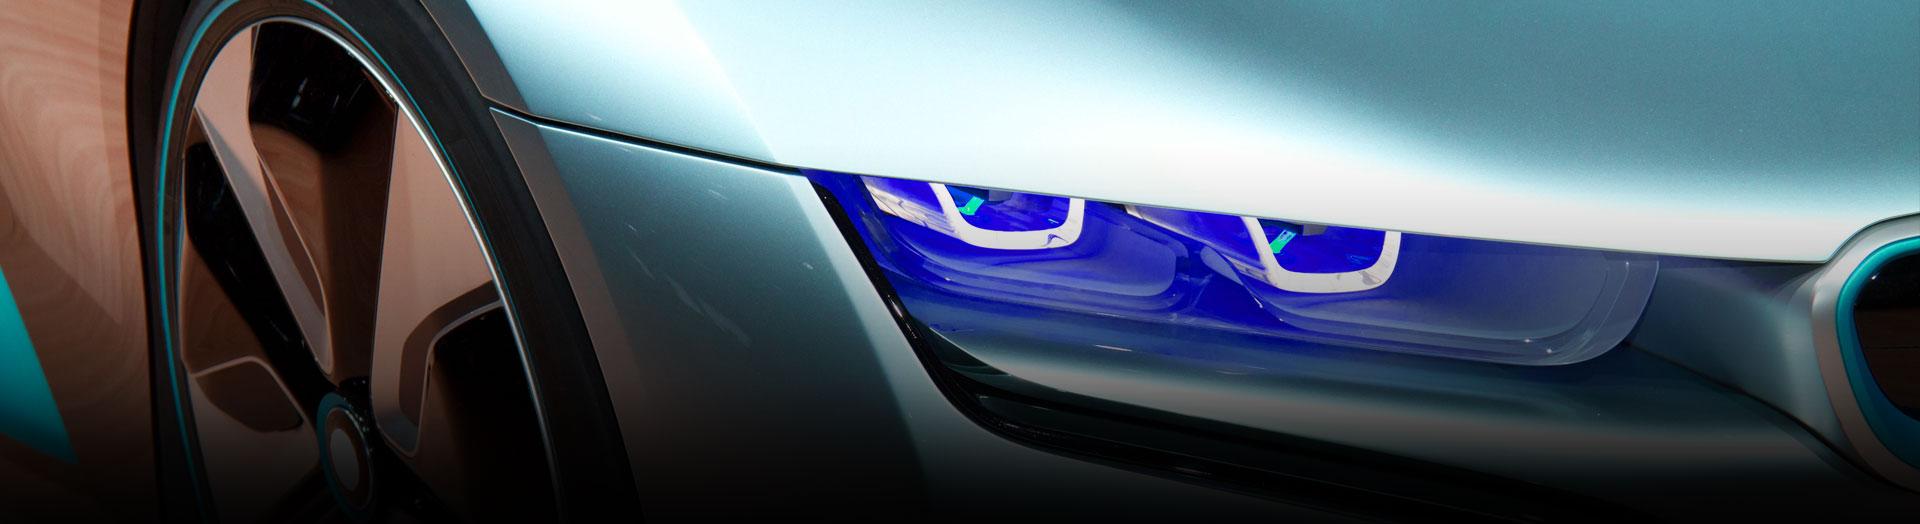 Driverless Car | Stories - Dassault Systèmes®